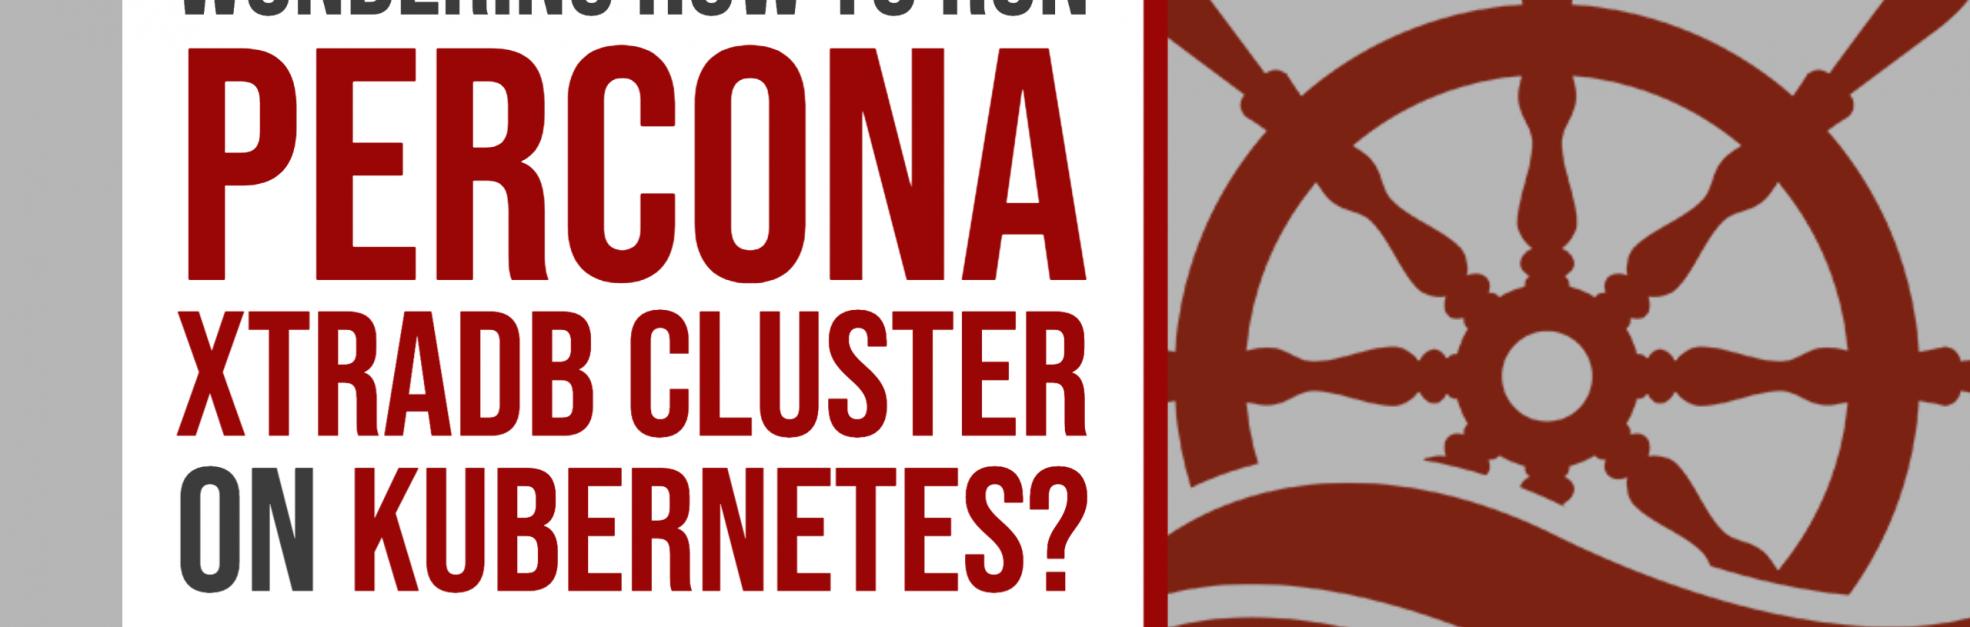 Run Percona XtraDB Cluster on Kubernetes